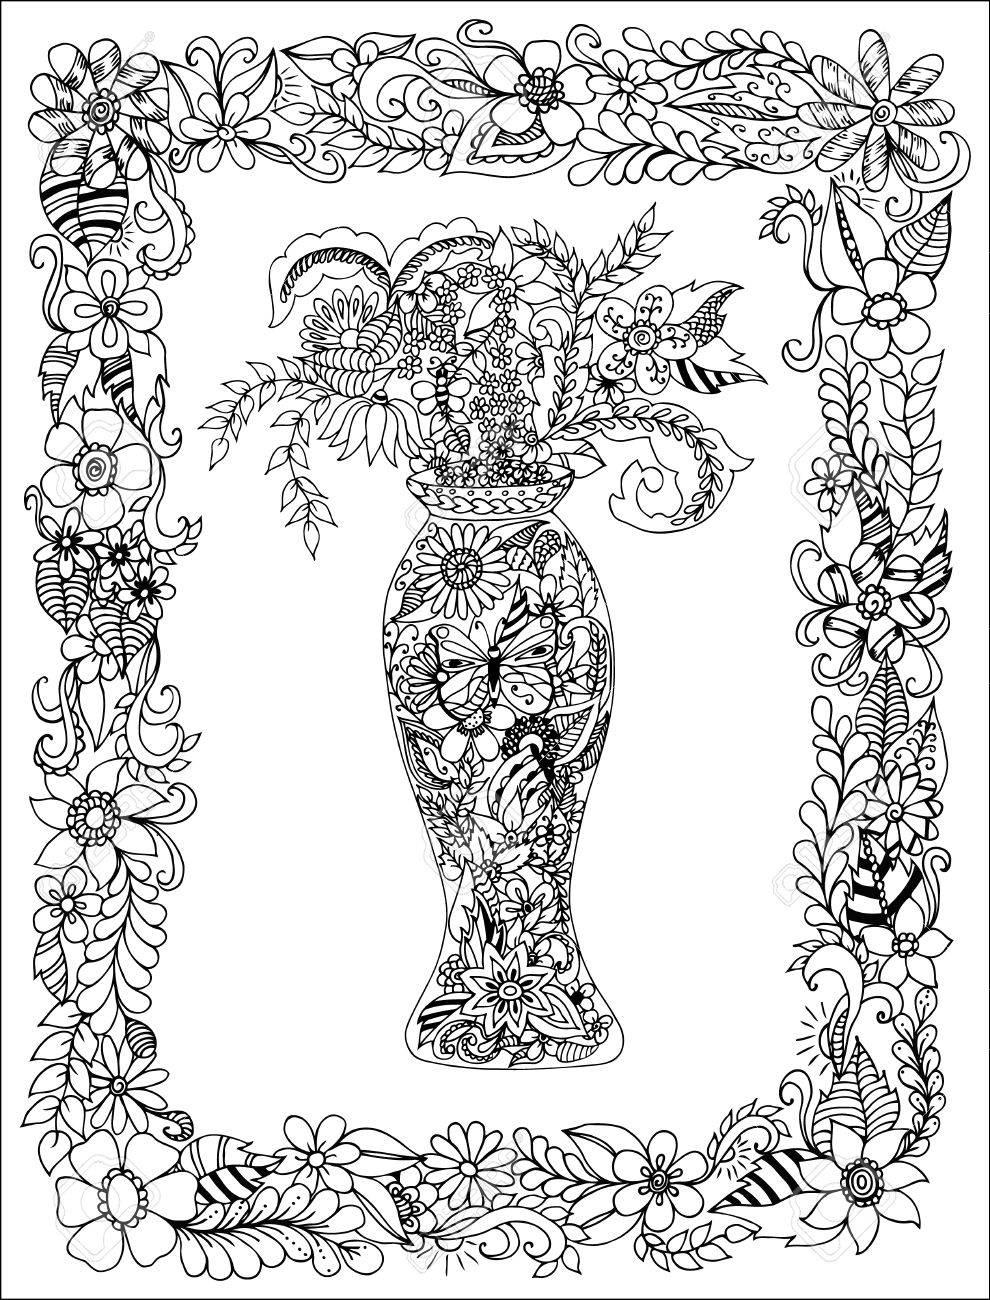 Coloriage Cadre Fleur.Illustration Vase De Fleurs Dans Un Cadre Livres A Colorier Pour